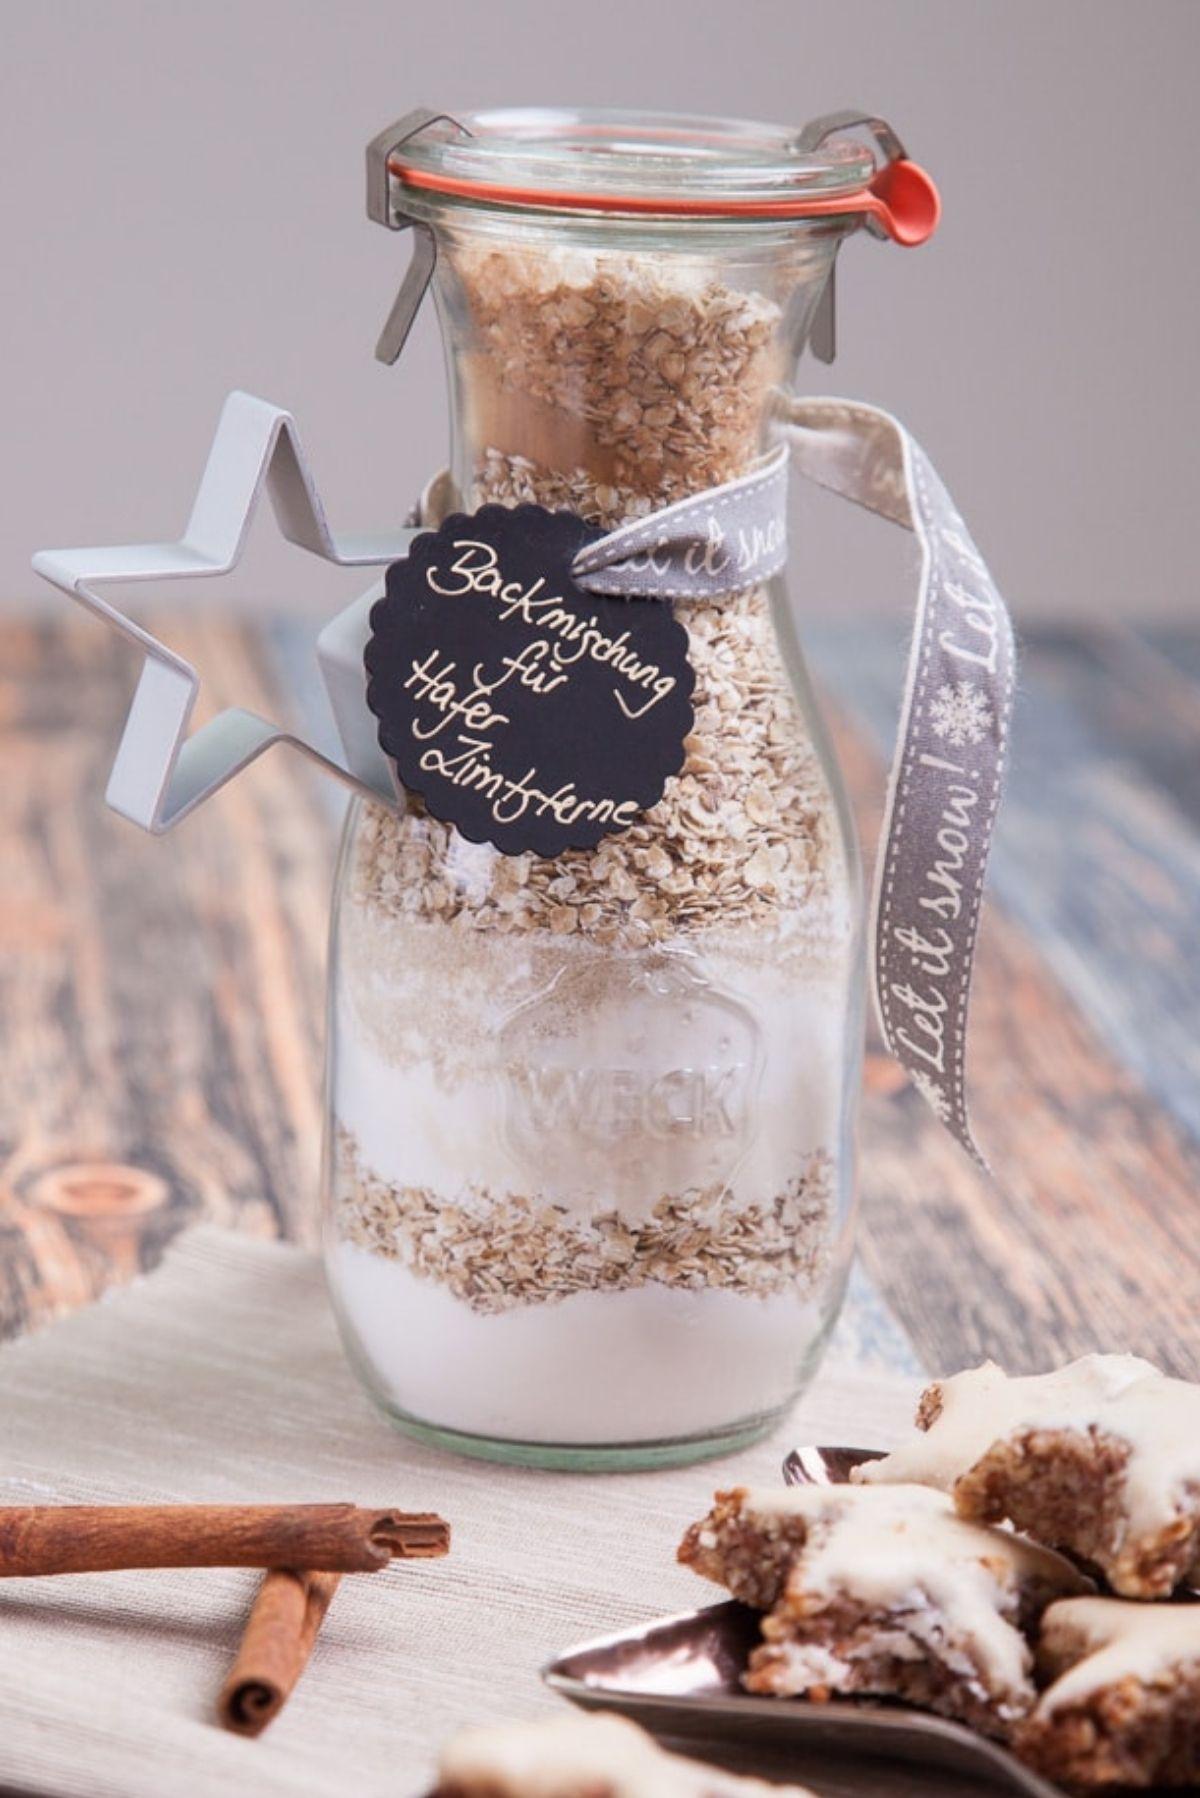 Geschenke aus der Kueche, Rezepte und DIY Inspirationen